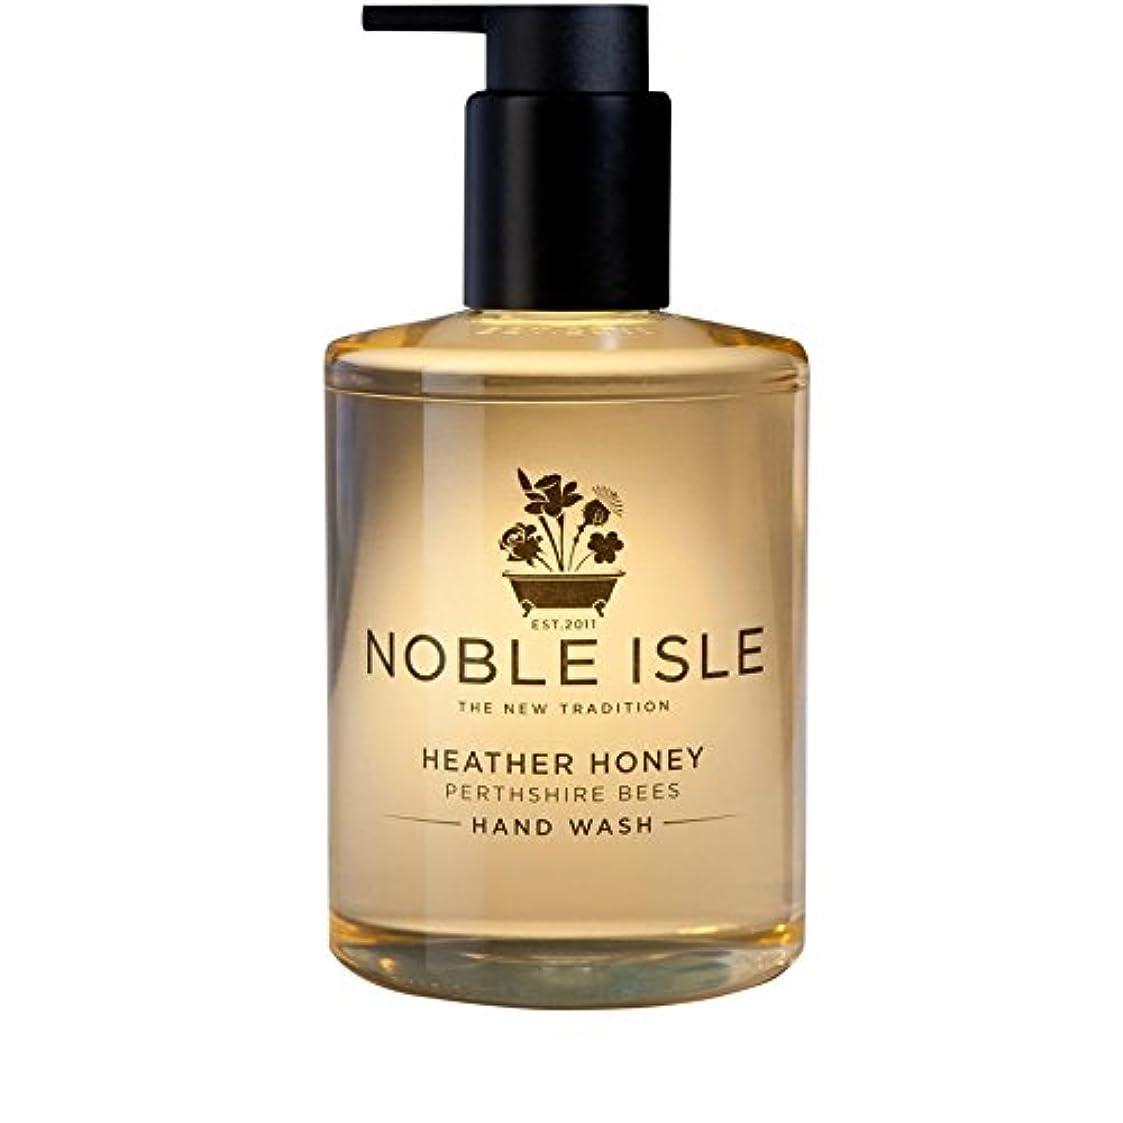 素敵なカバー申し込む高貴な島杢蜂蜜パースシャー蜂のハンドウォッシュ250ミリリットル x4 - Noble Isle Heather Honey Perthshire Bees Hand Wash 250ml (Pack of 4) [並行輸入品]